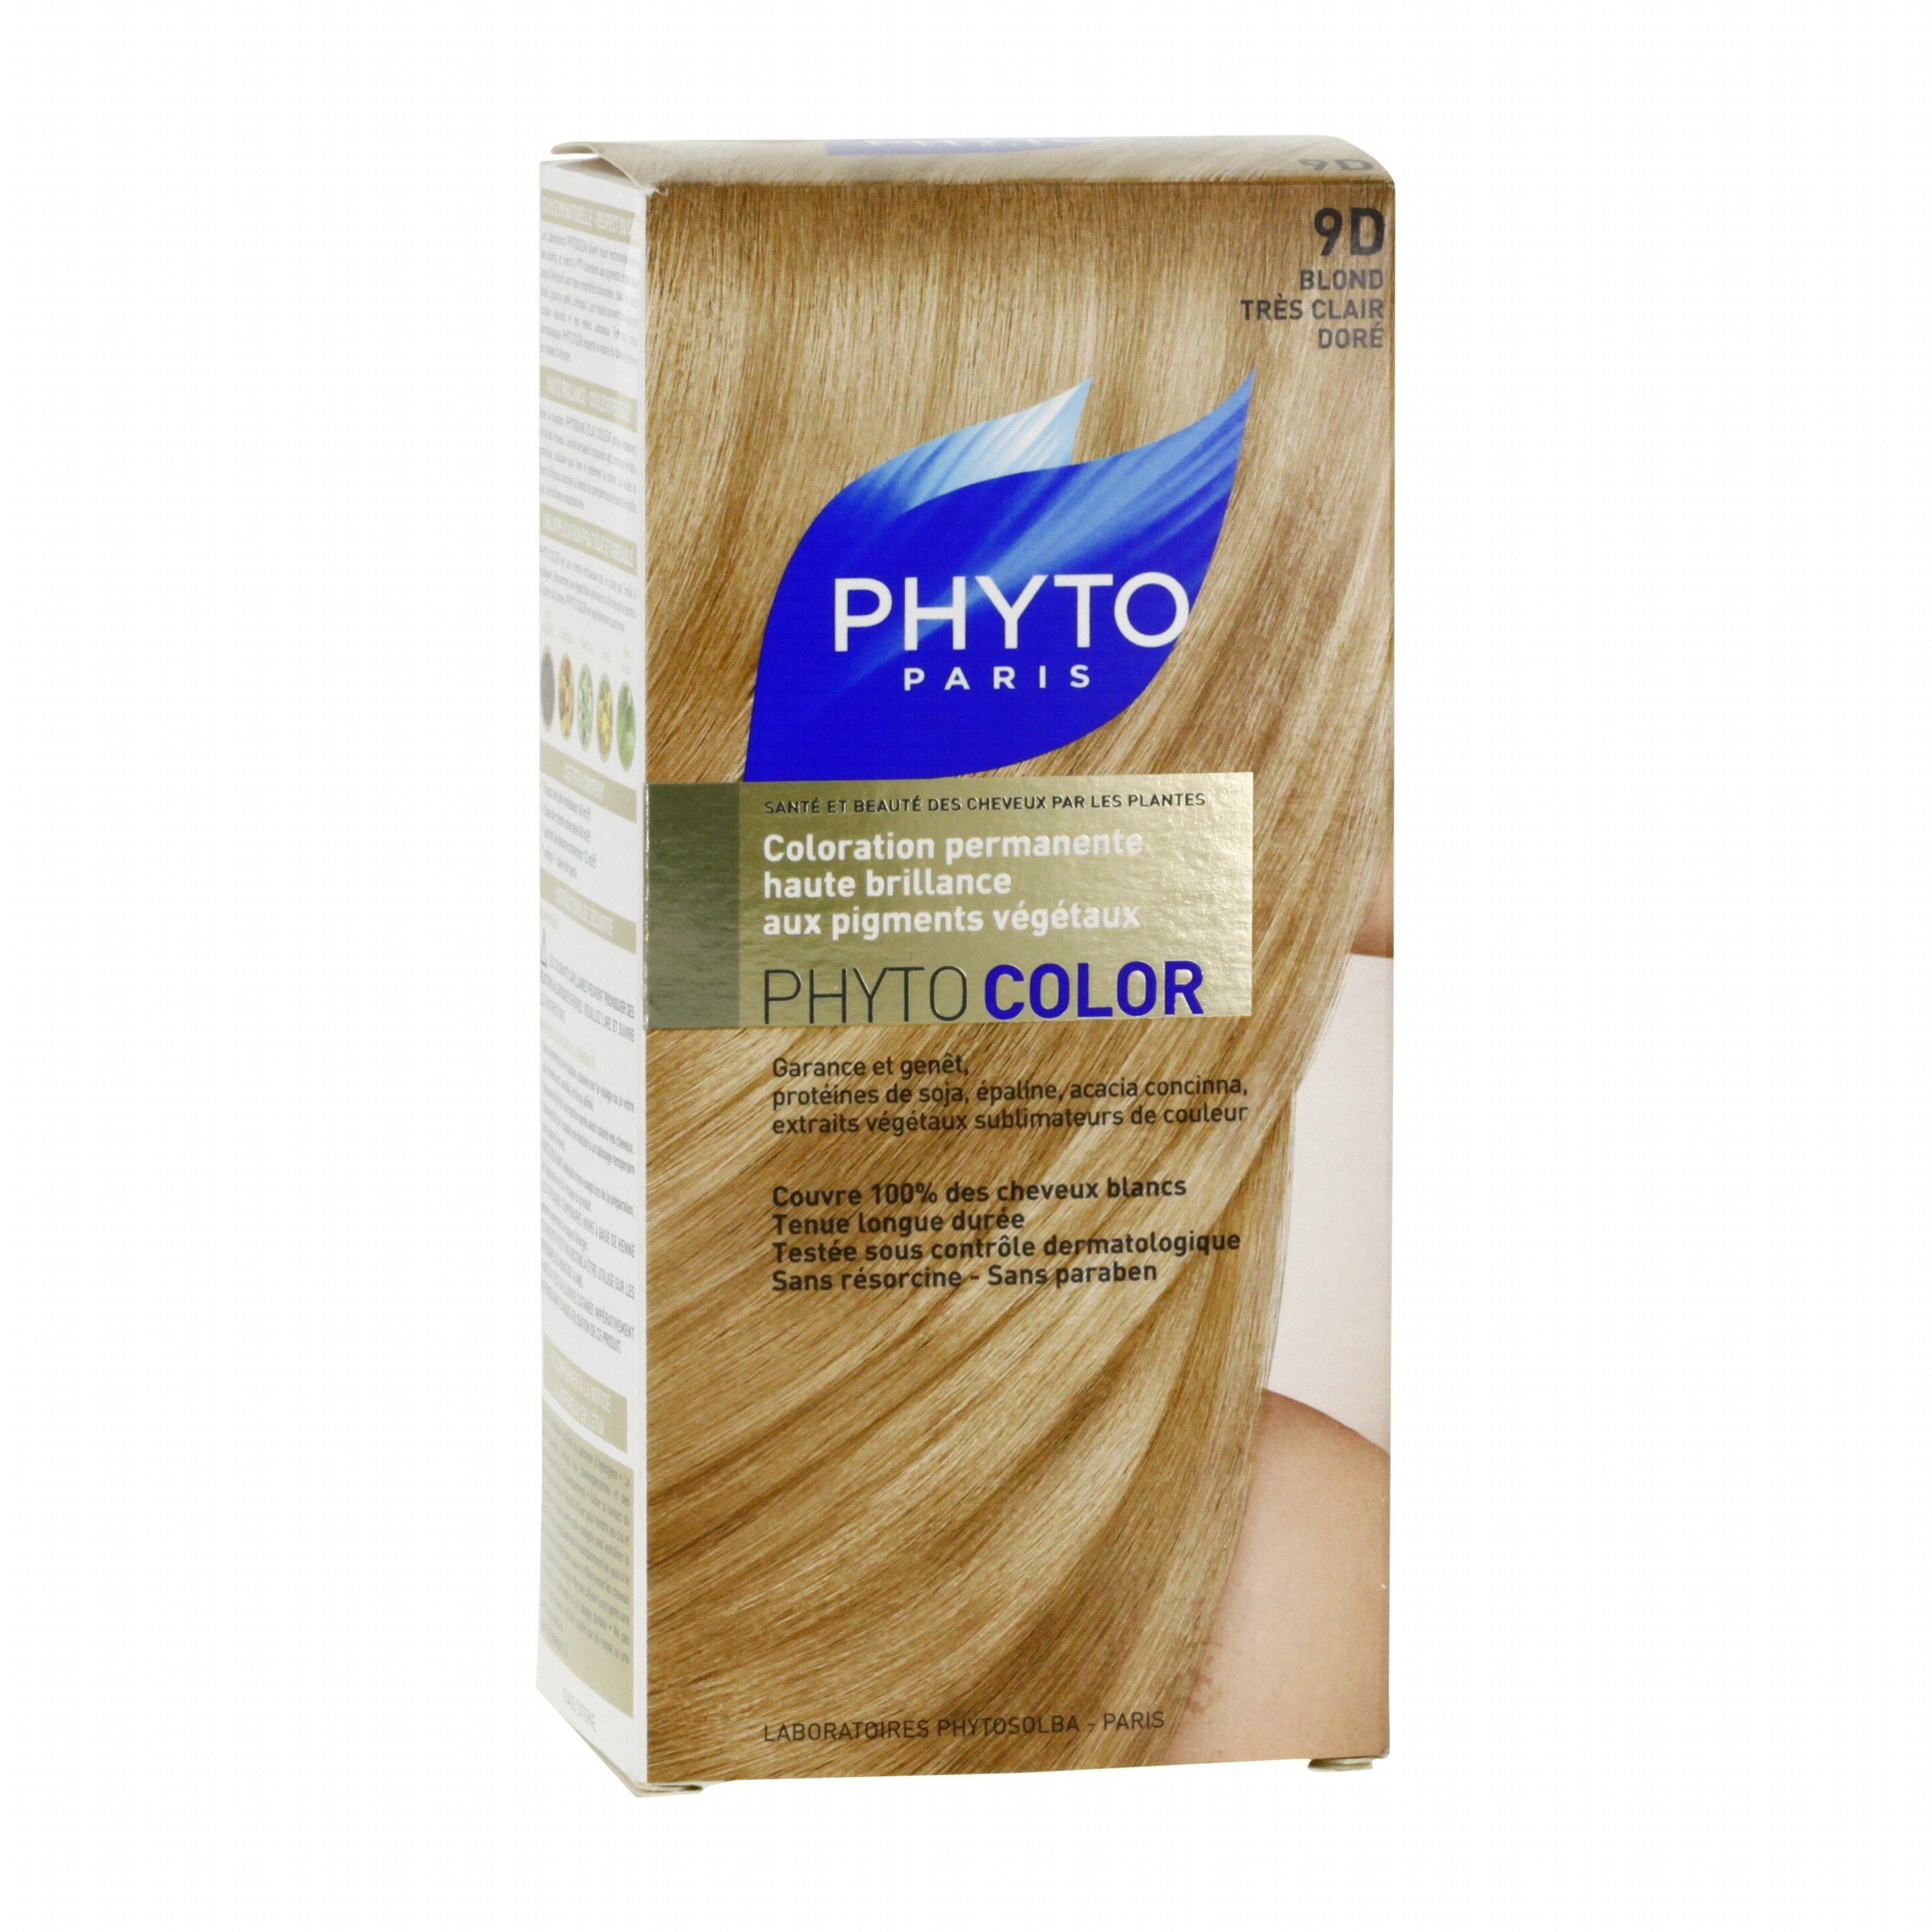 phyto color n9d couleur soin aux plantes tinctoriales blond trs clair dor 1 teinture - Phyto Coloration